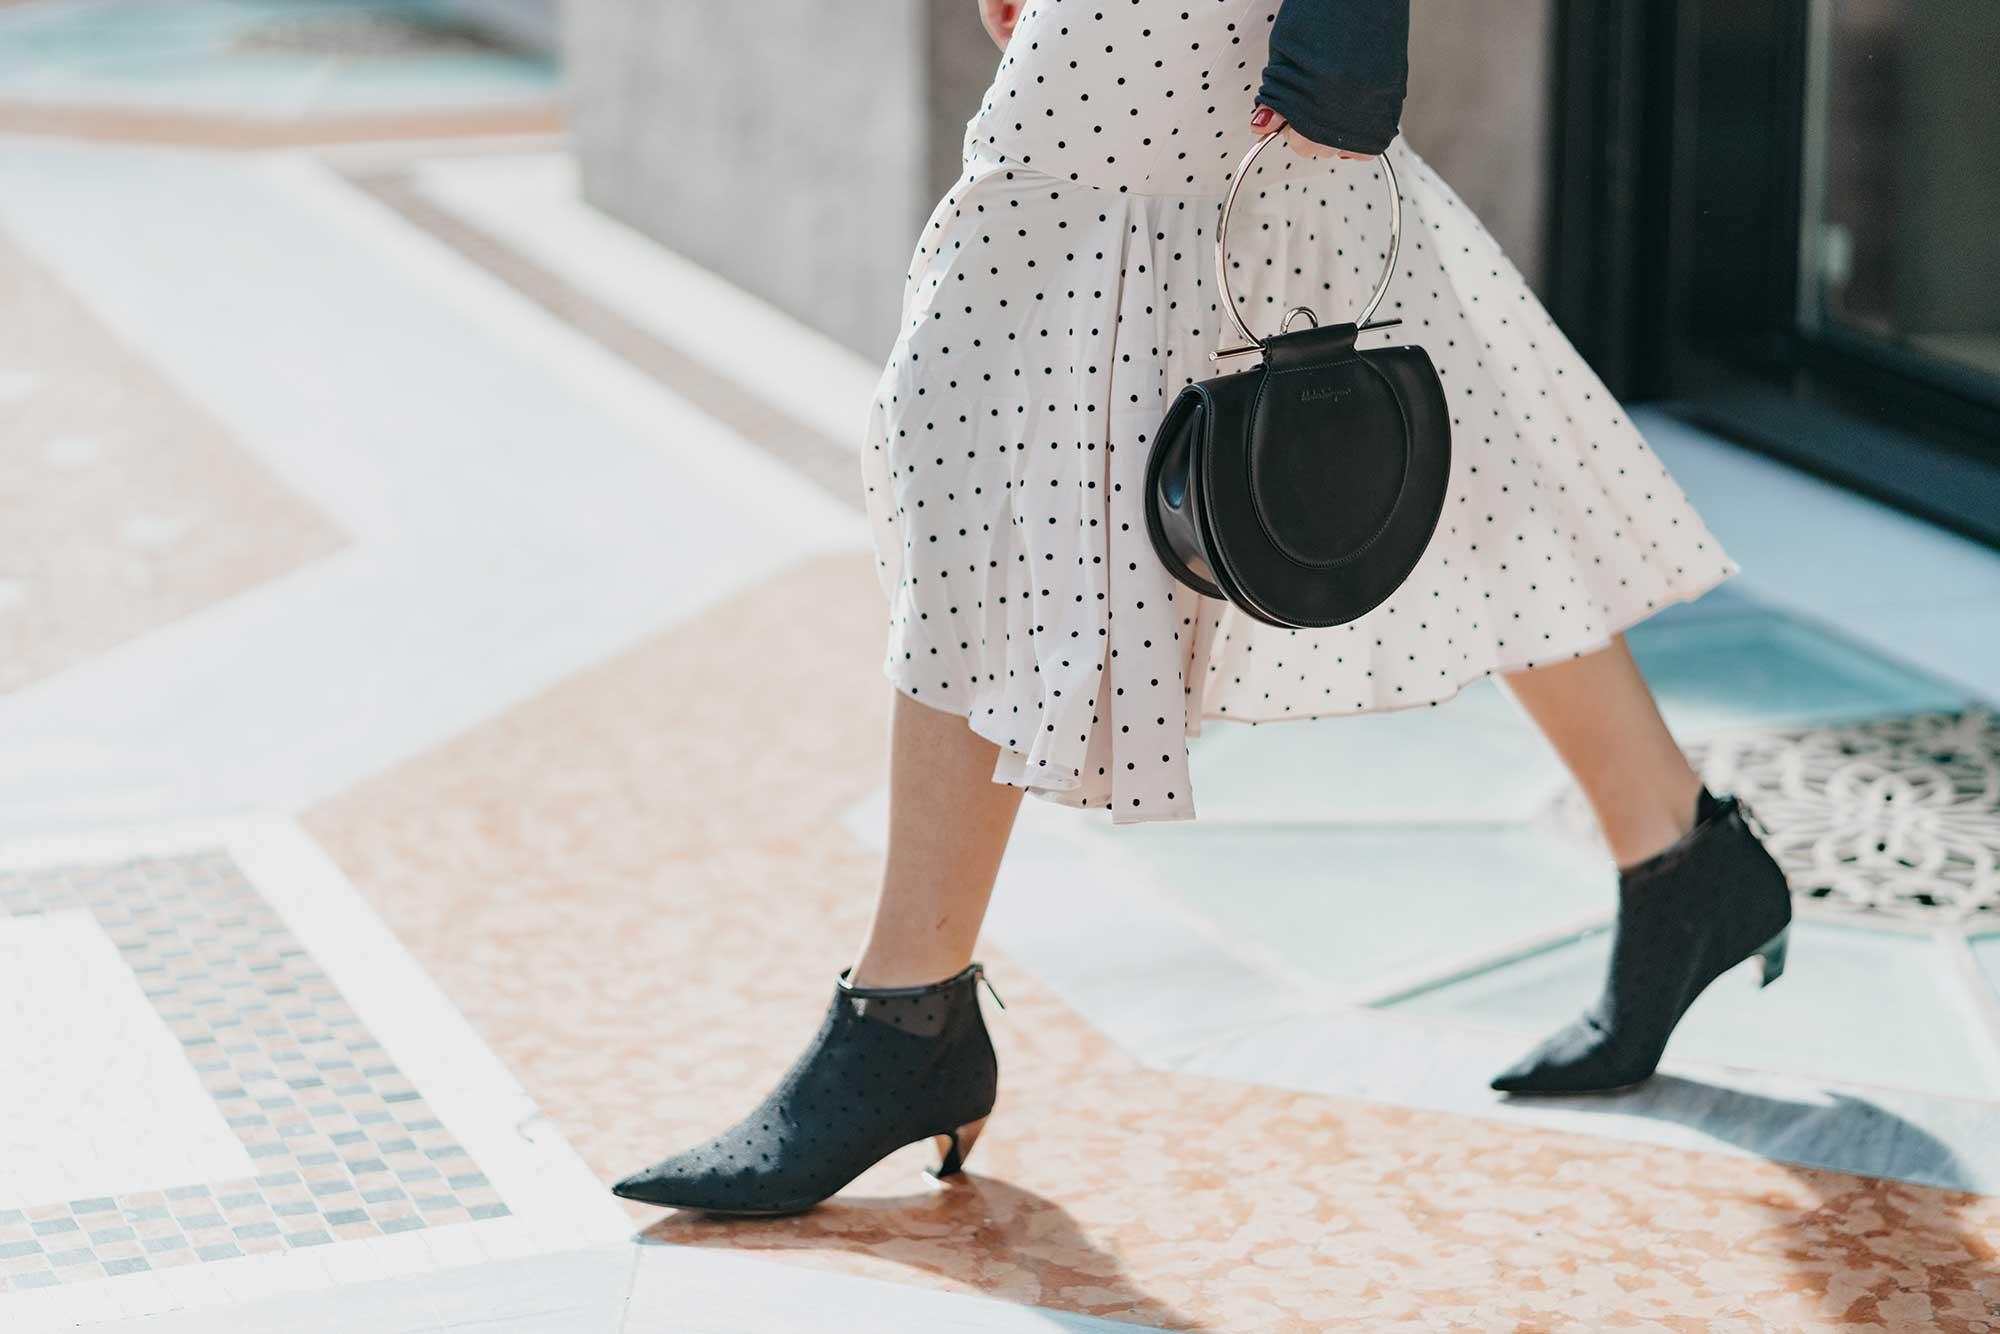 Revolve Mia Midi Polka Dot Dress in Ivory & Black Milan Outfit18.jpg